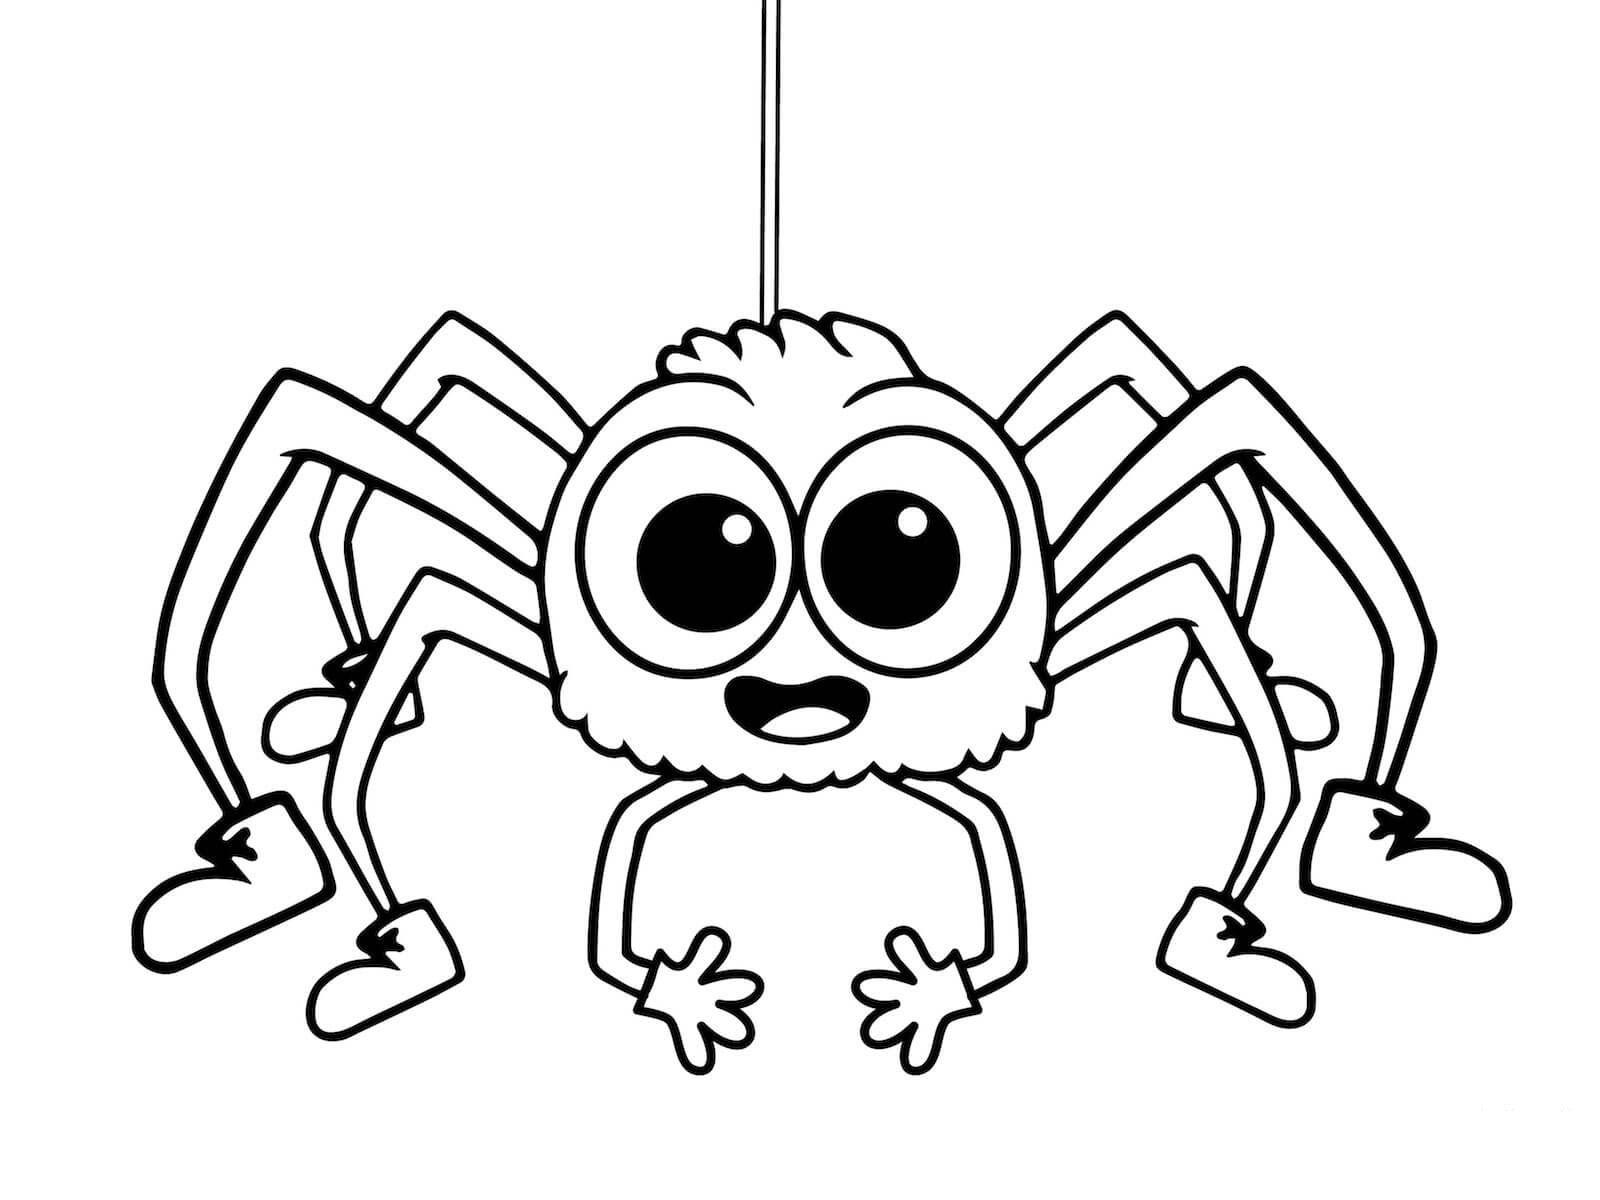 Spinne Ausmalbilder Ausmalbilder Halloween Ausmalbilder Malvorlagen Tiere